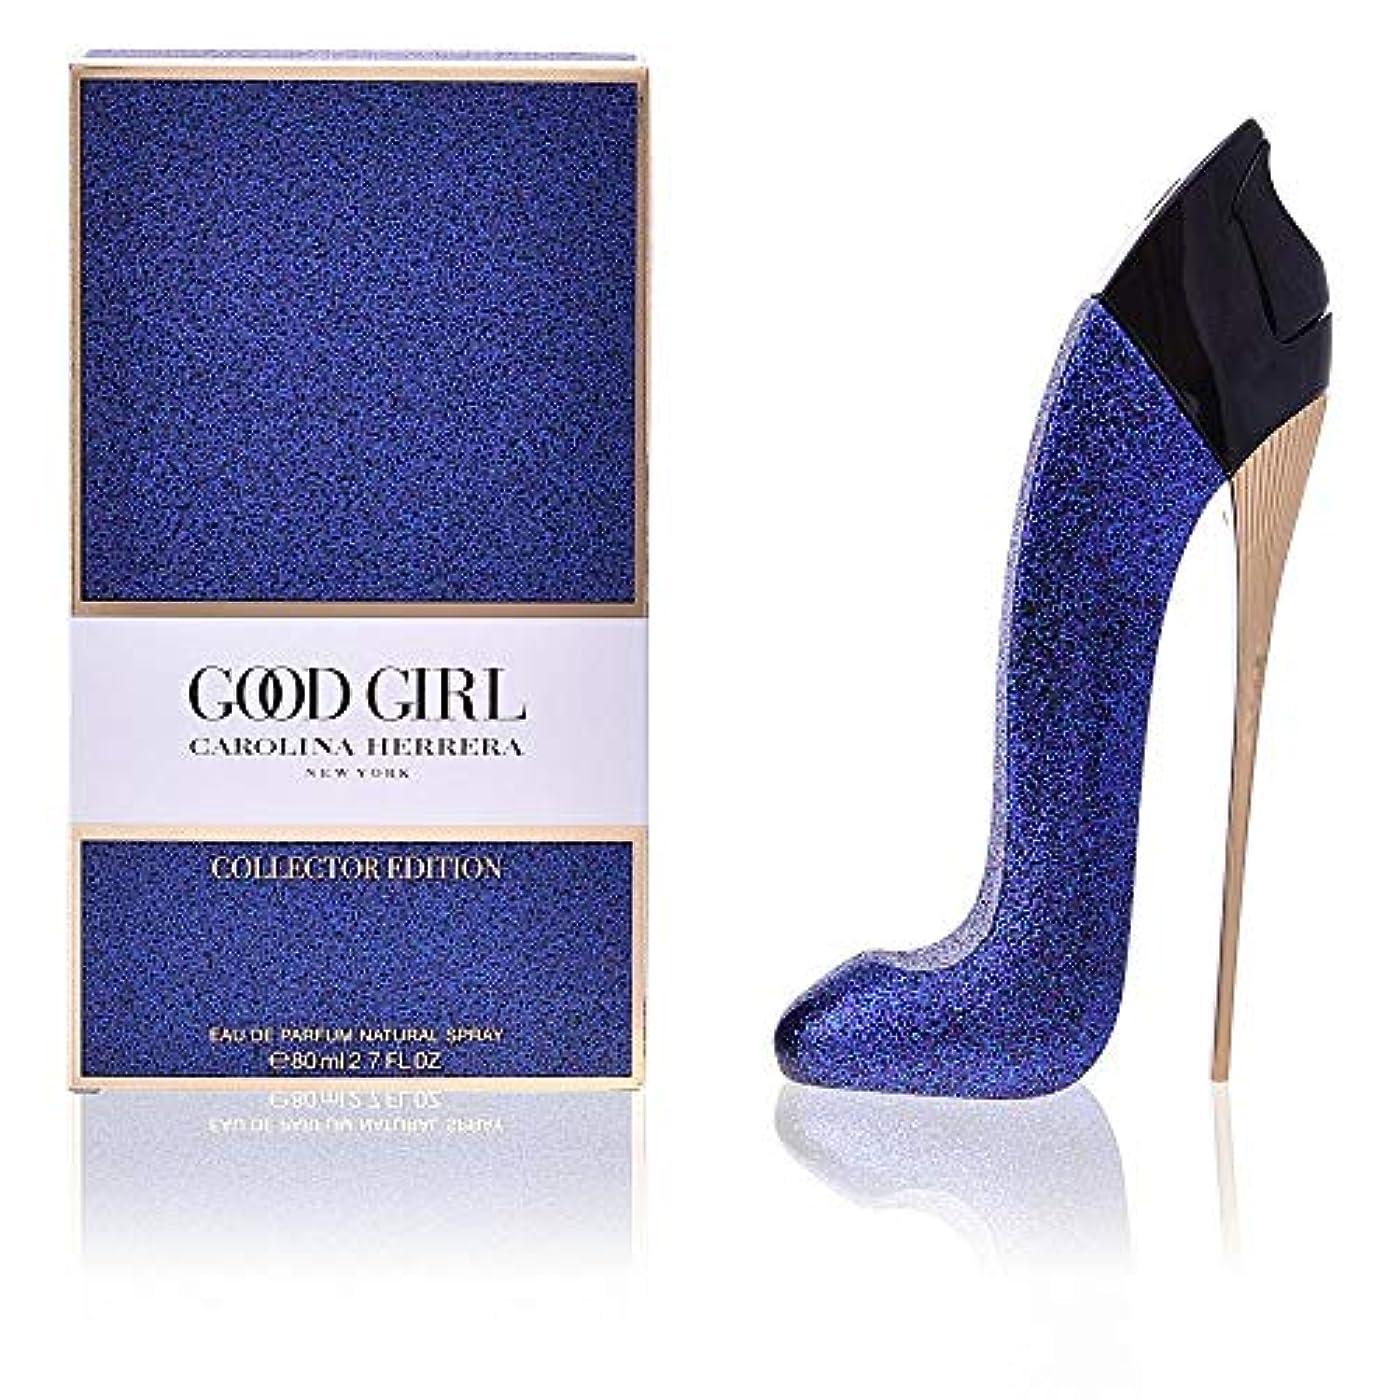 赤面火リブCarolina Herrera Good Girl Collector Edition 80ml 2.7oz Eau de Parfum